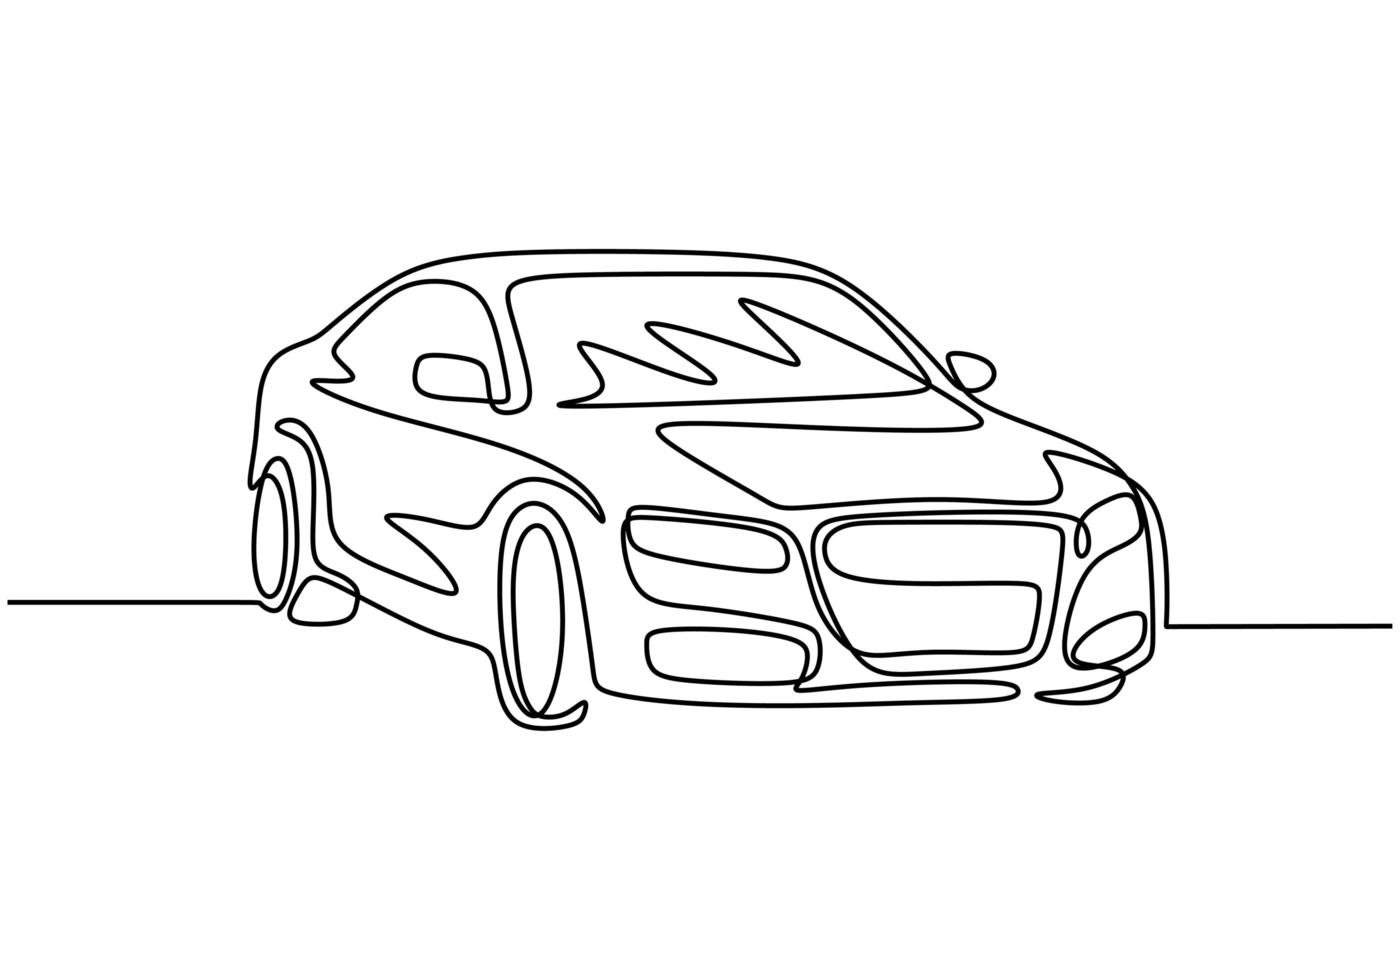 um desenho de linha do carro. veículo sedan, minimalismo de ilustração vetorial vetor